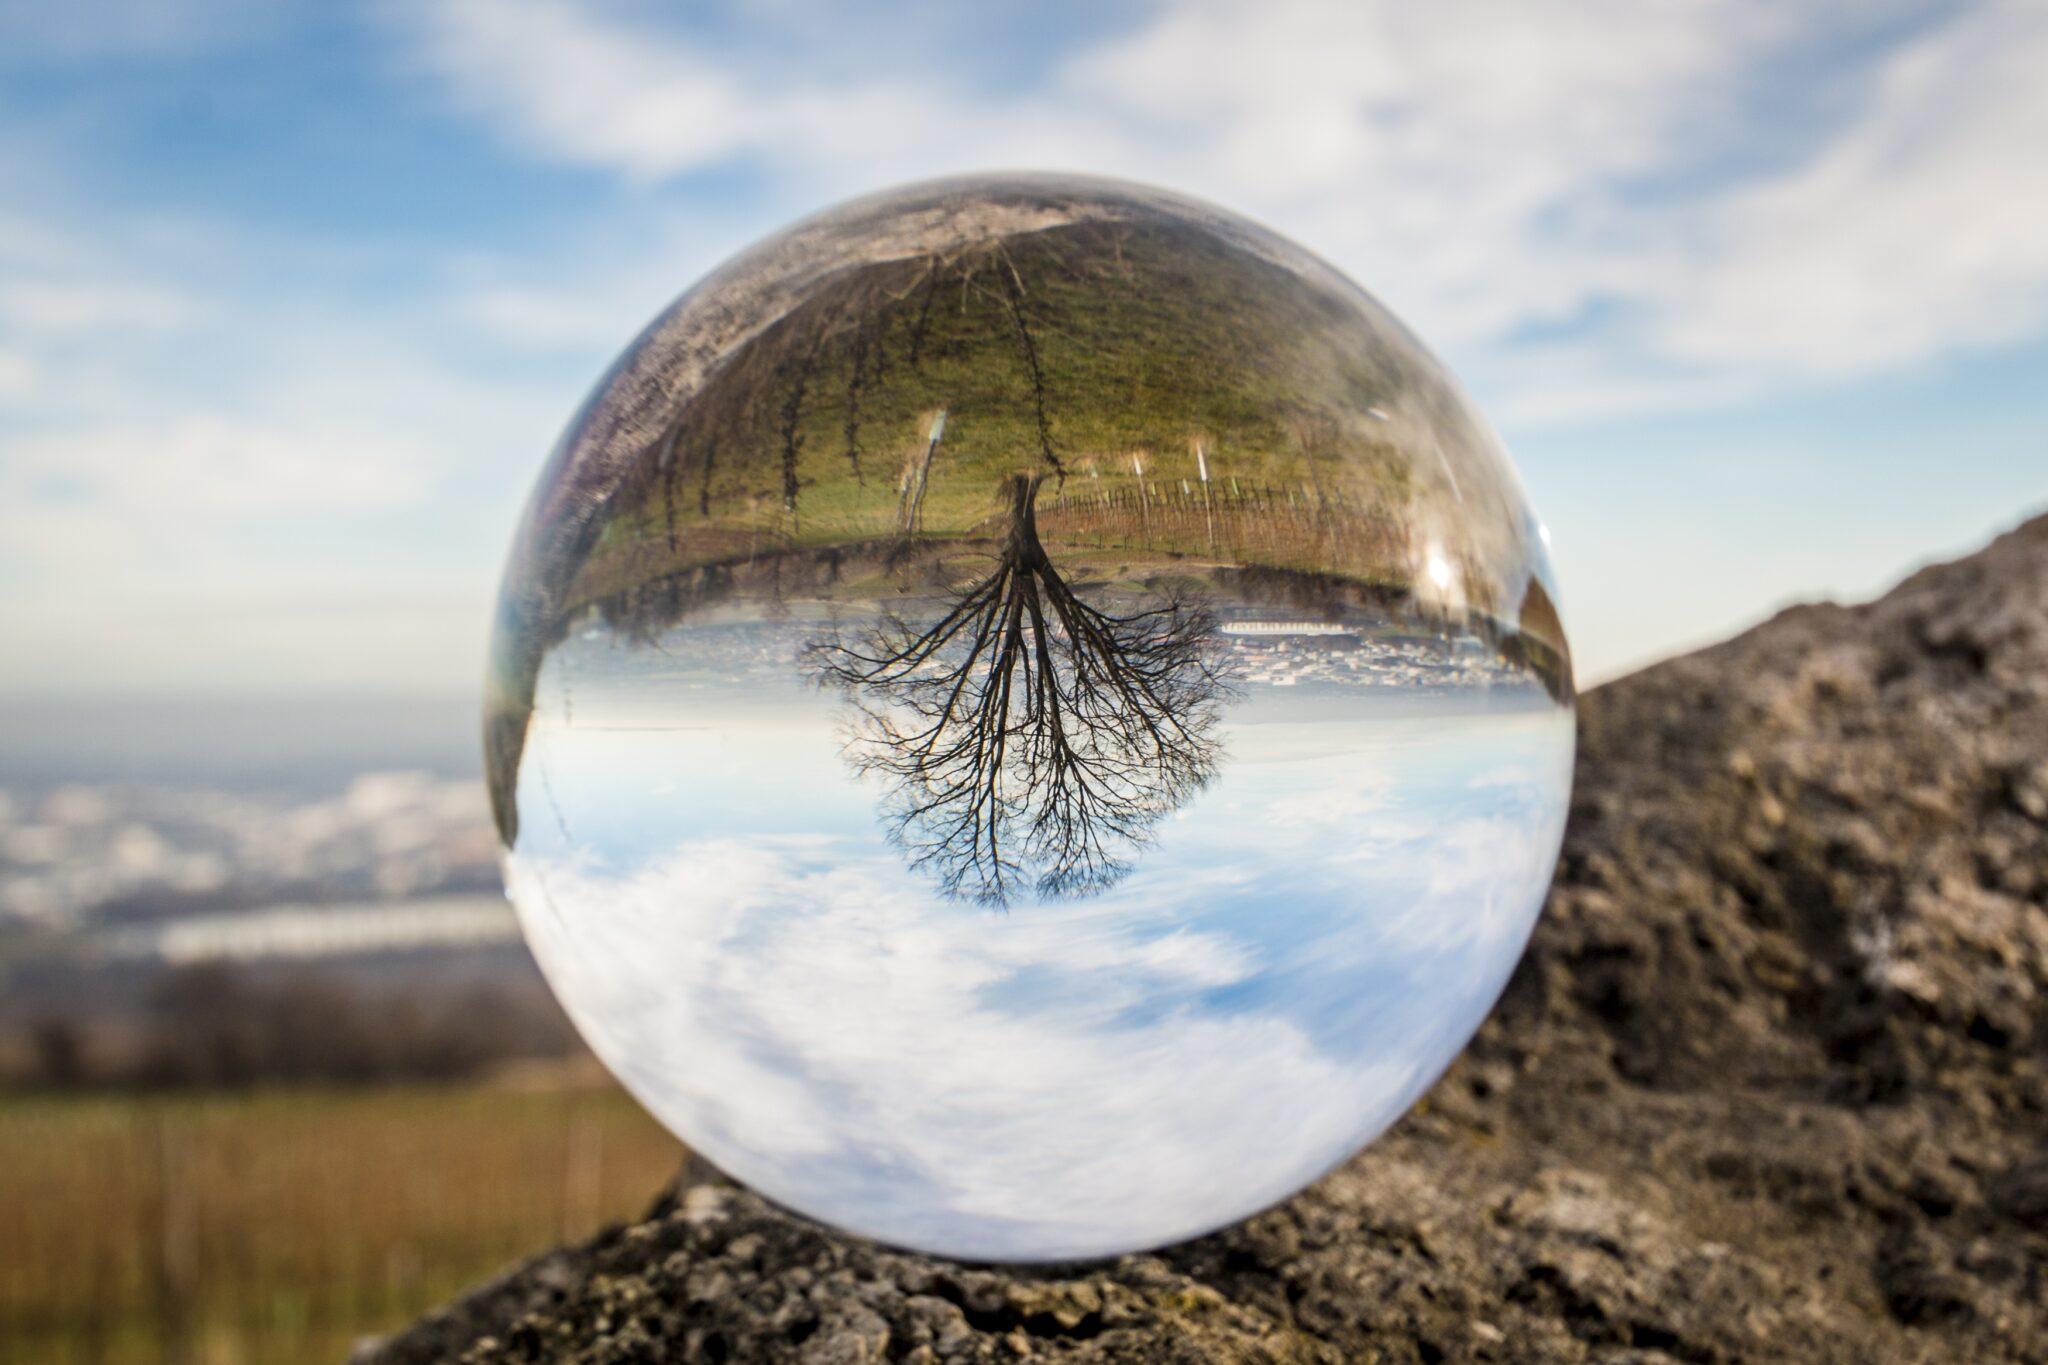 Landschaft spiegelt sich kopfüber in einer Glaskugel